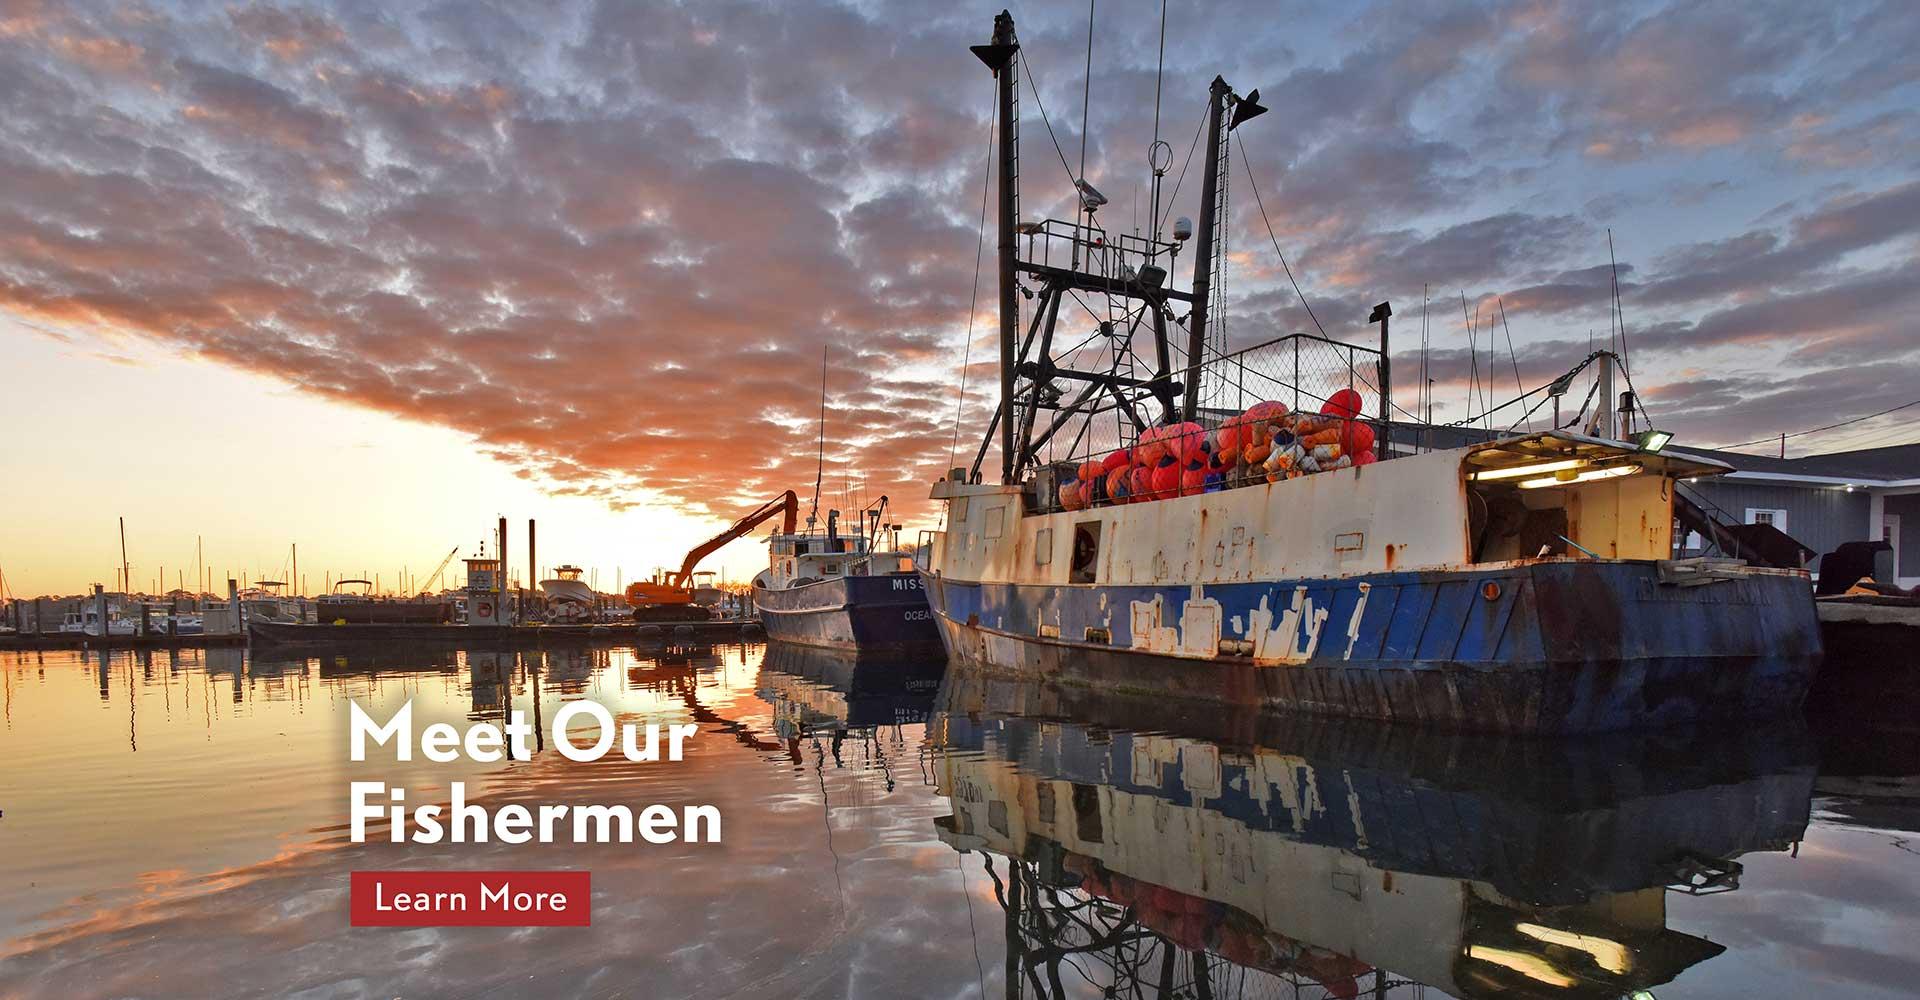 Blue Ocean Fishermen